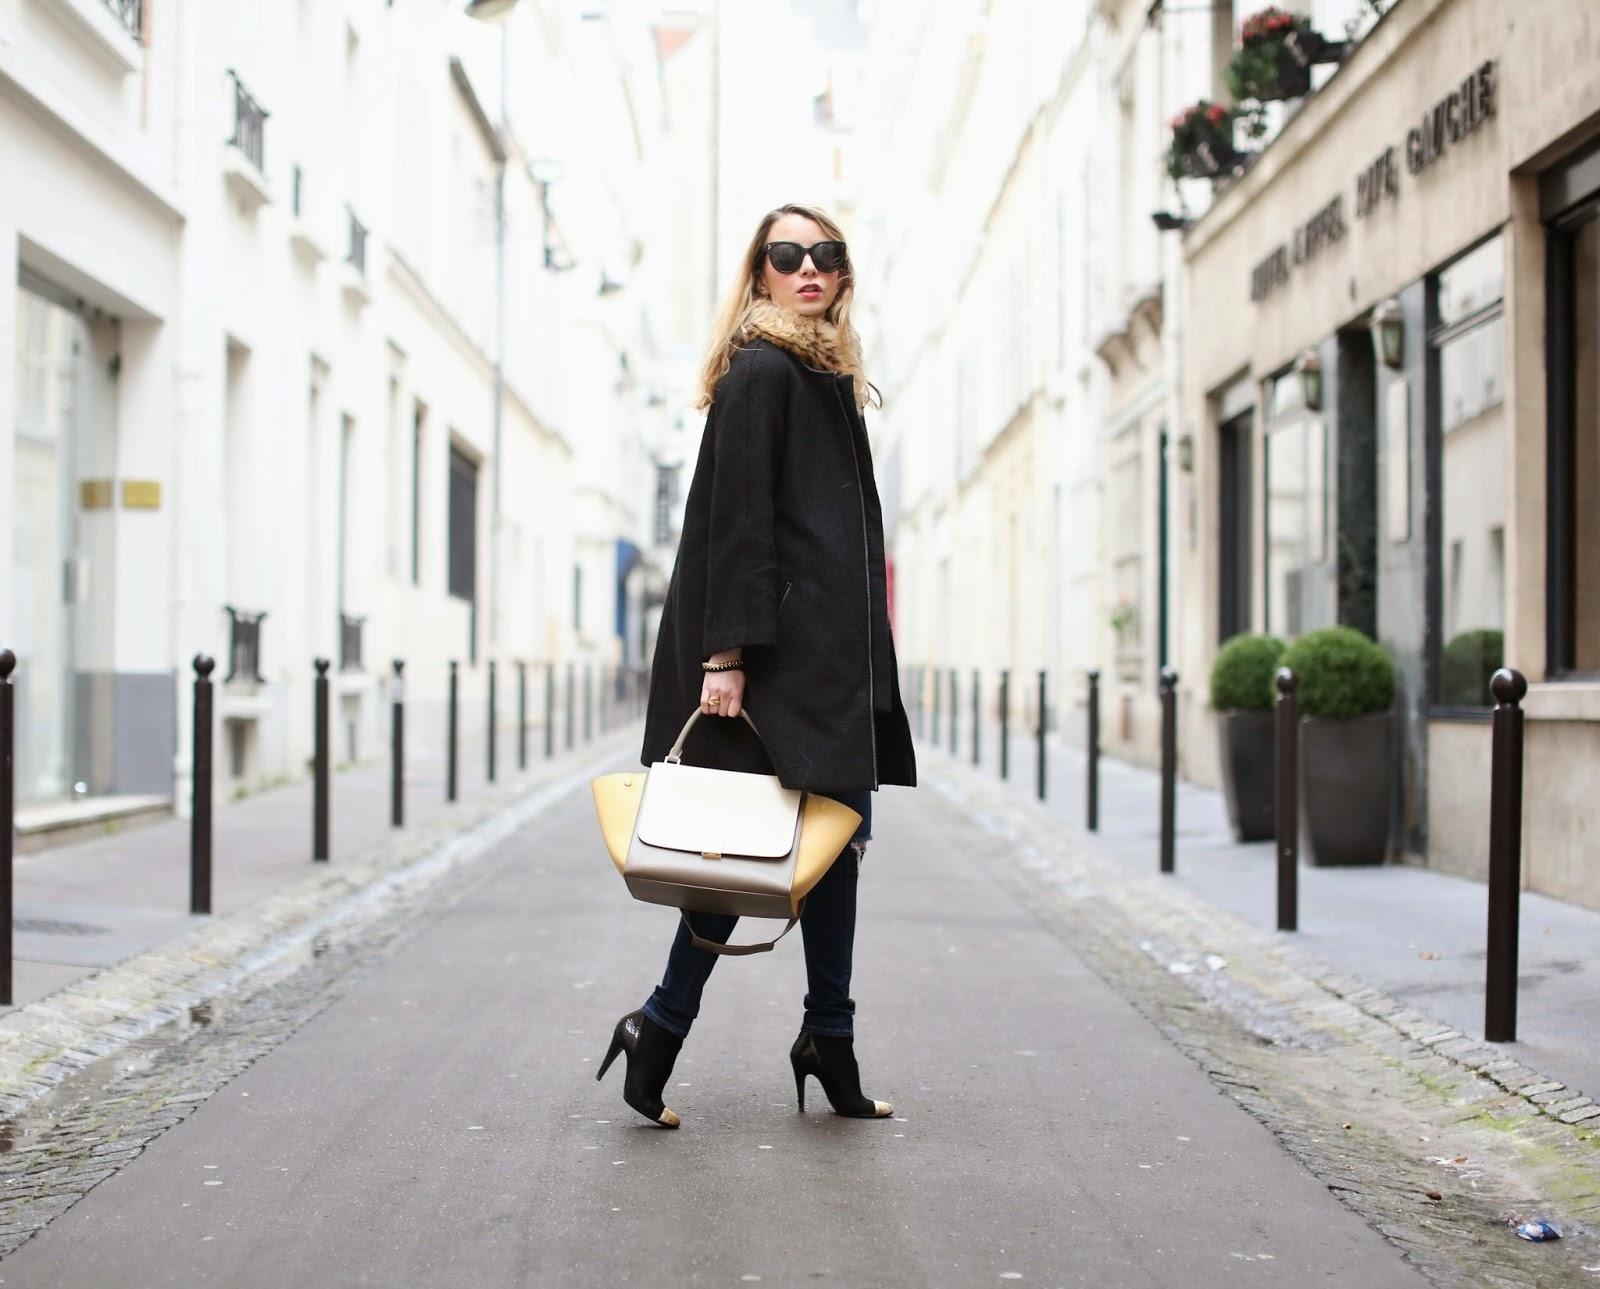 Céline, fur, chanel, isabel marant, streetstyle, fashion blogger, paris